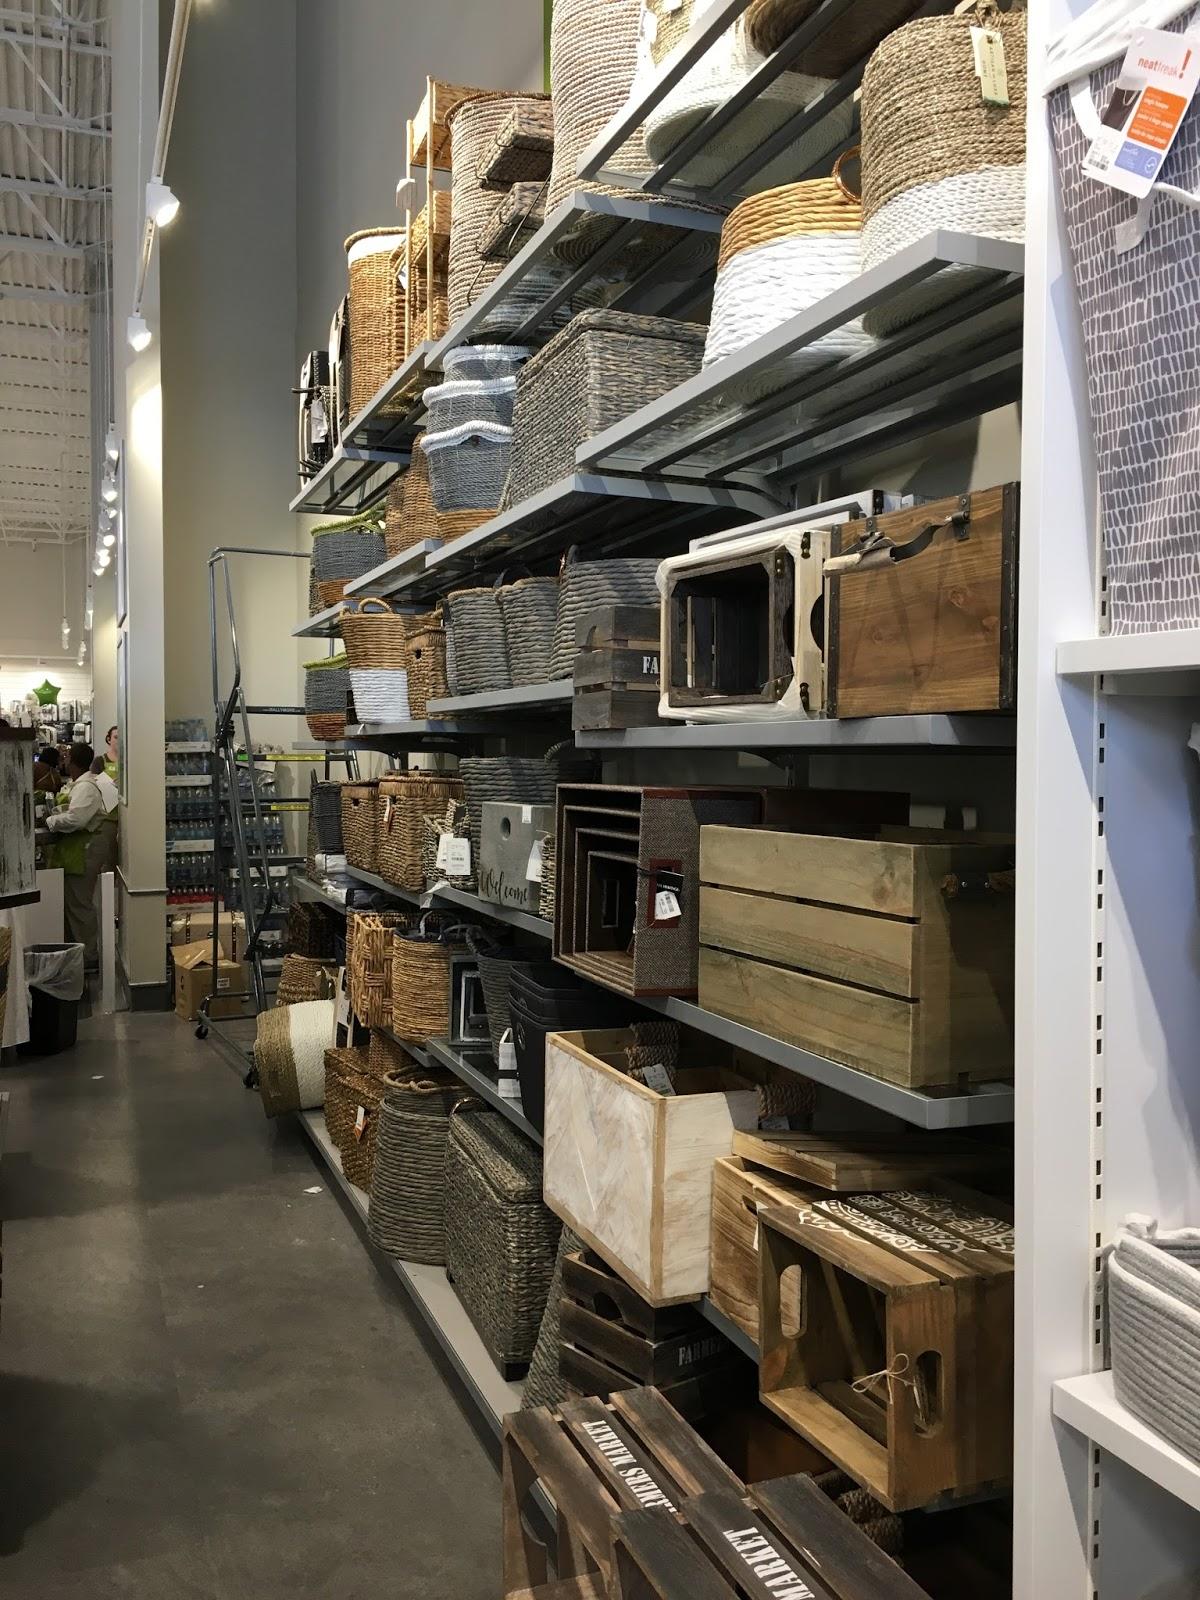 Storage and Baskets at Homesense